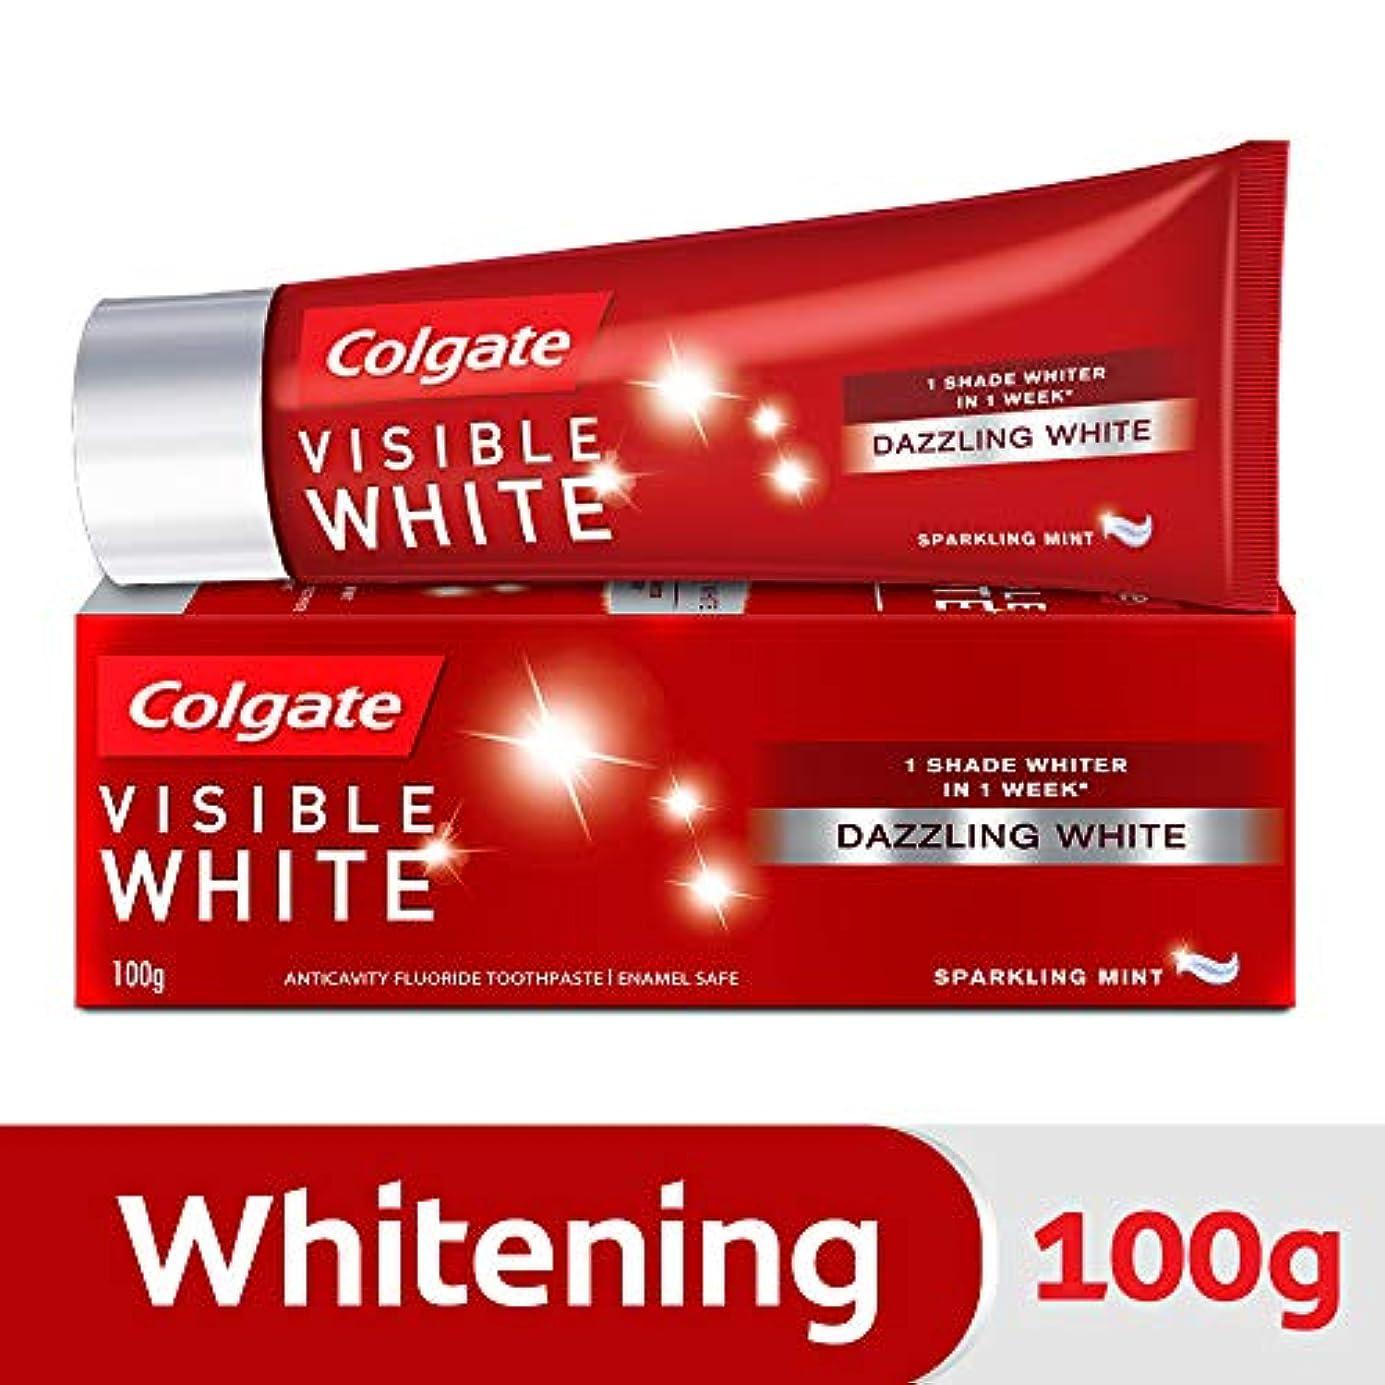 ハイライト変数補正Colgate Visible White Dazzling White Toothpaste, Sparkling Mint - 100gm